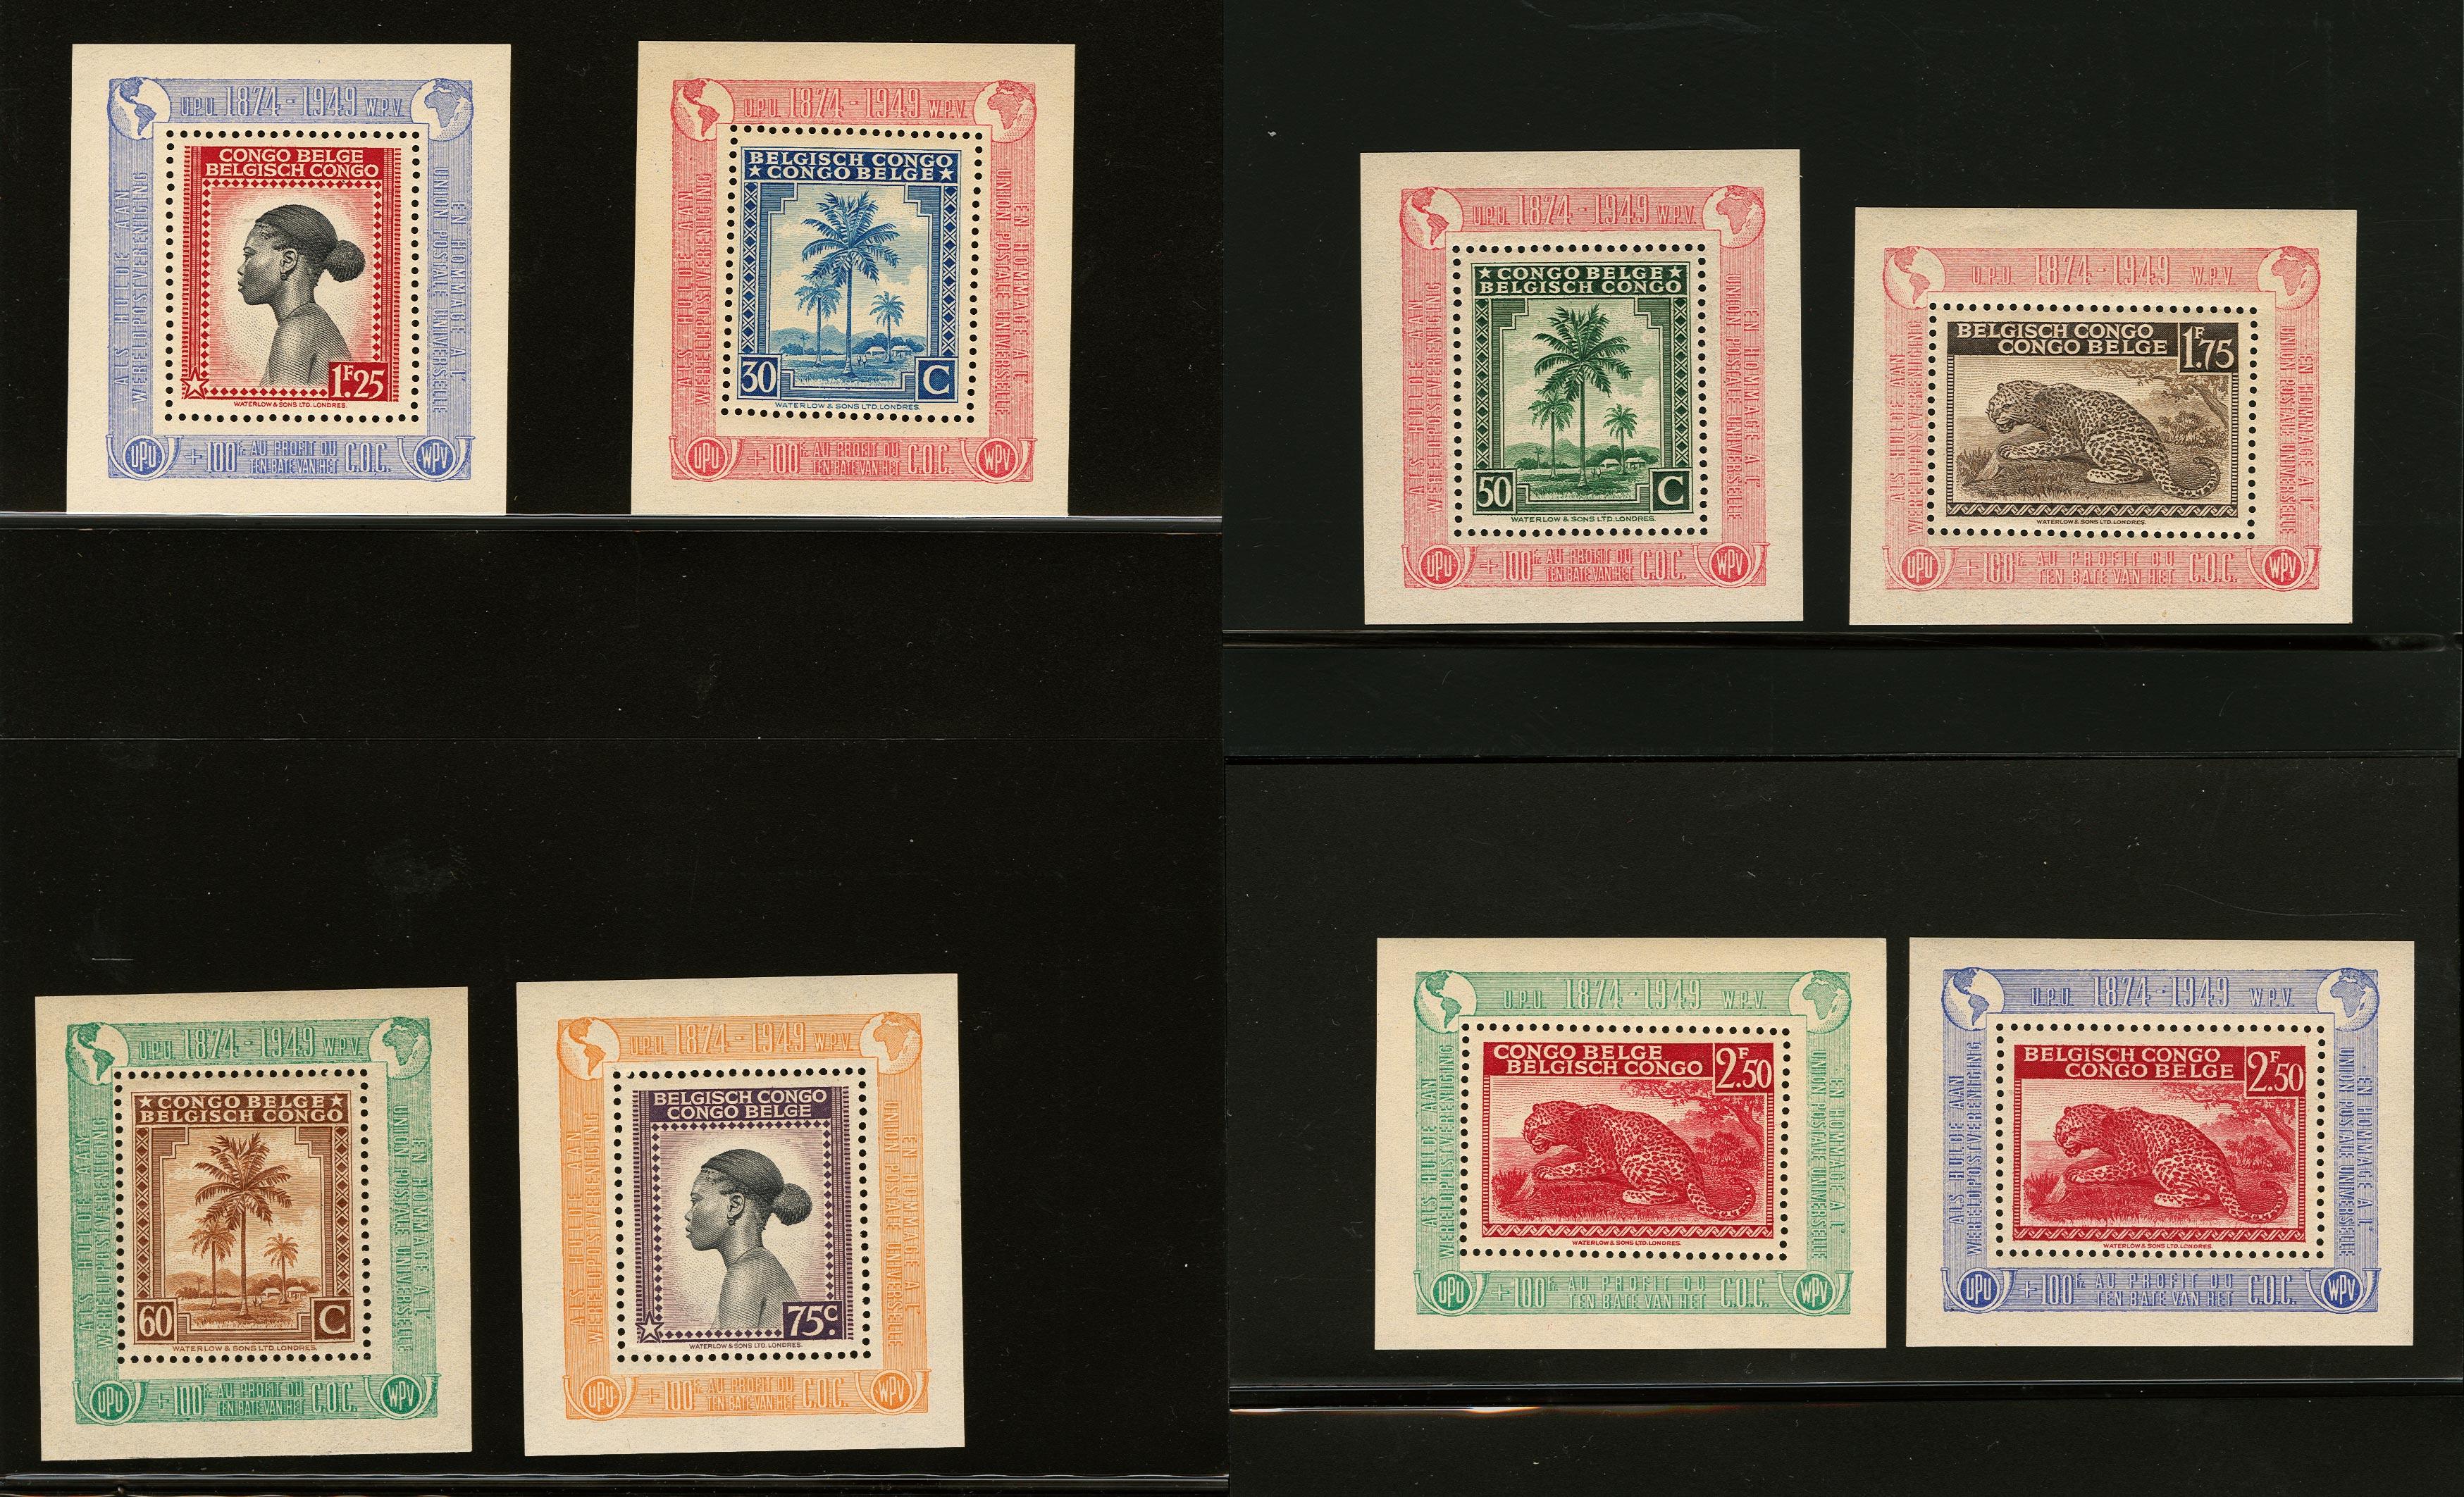 Los 1964 223 224 Auktionen Auktionen Briefmarken Münzen Und